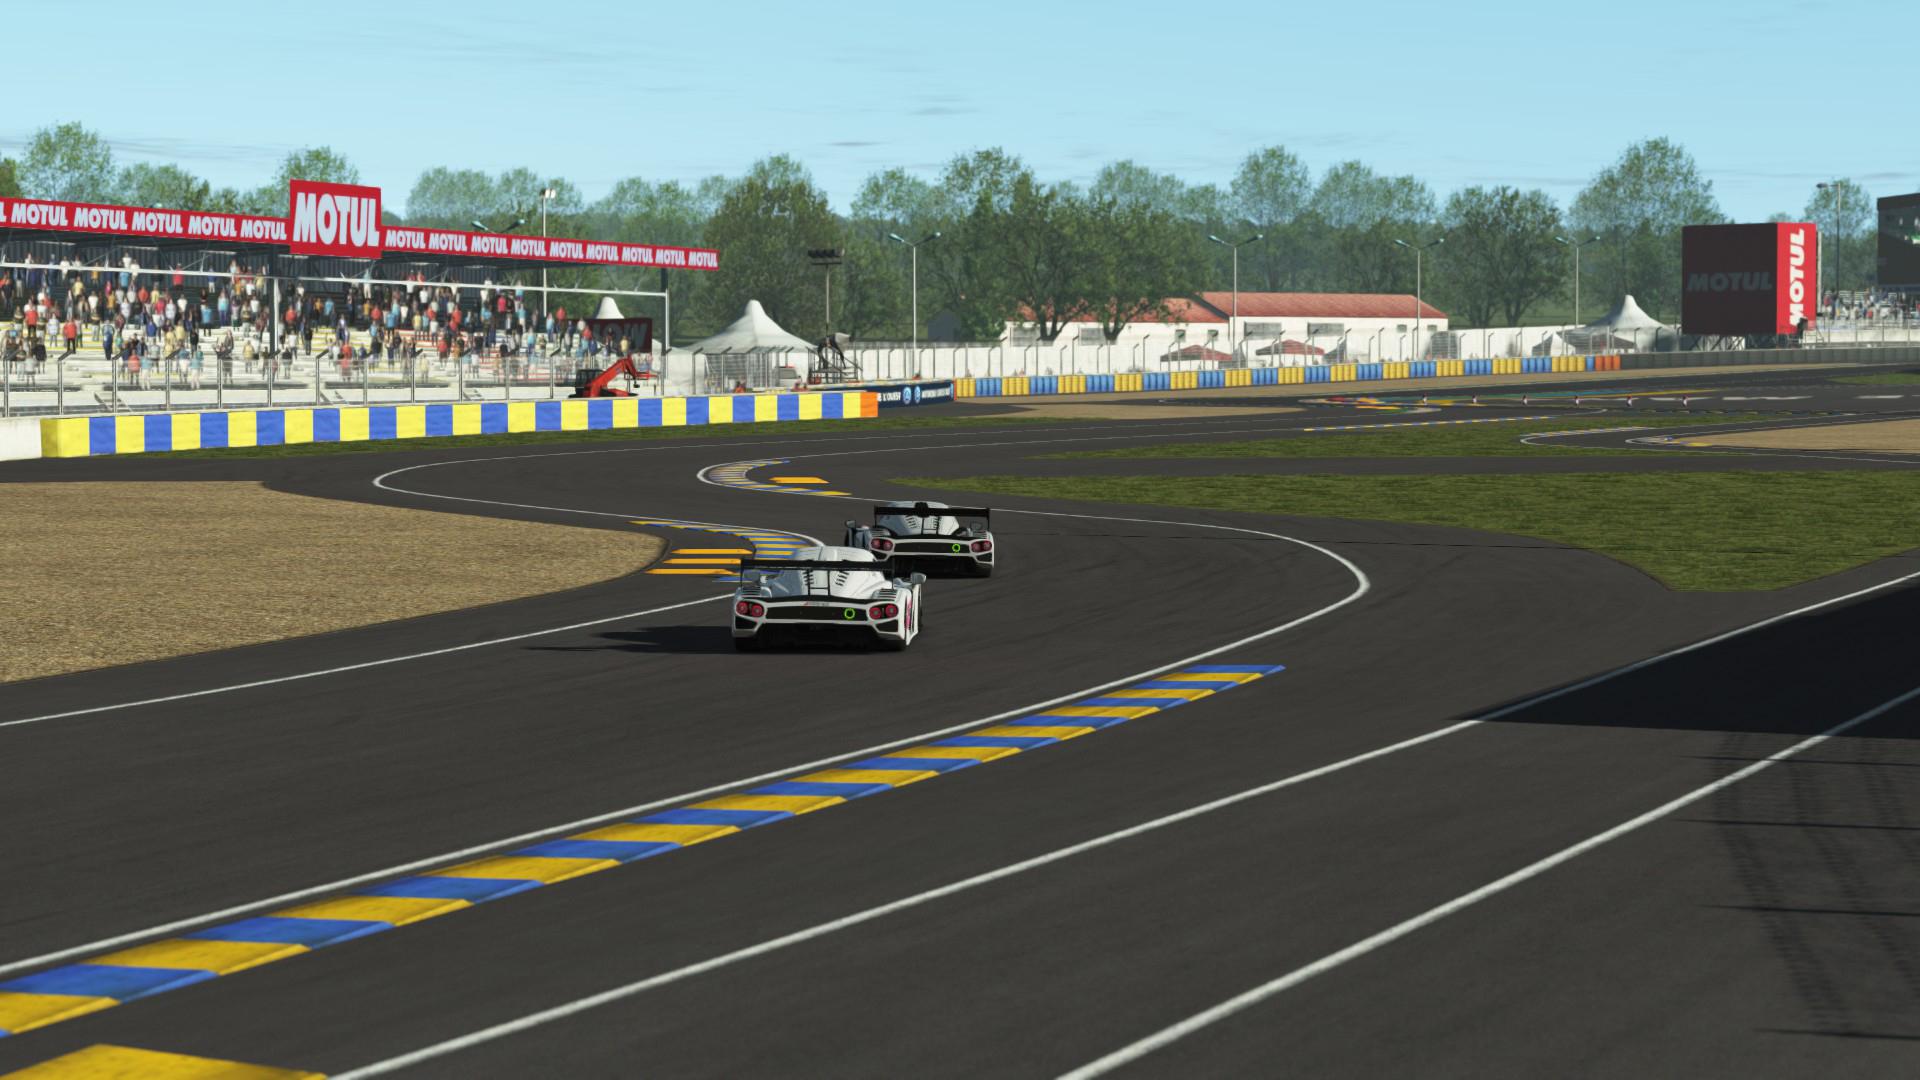 Le Mans_02.jpg